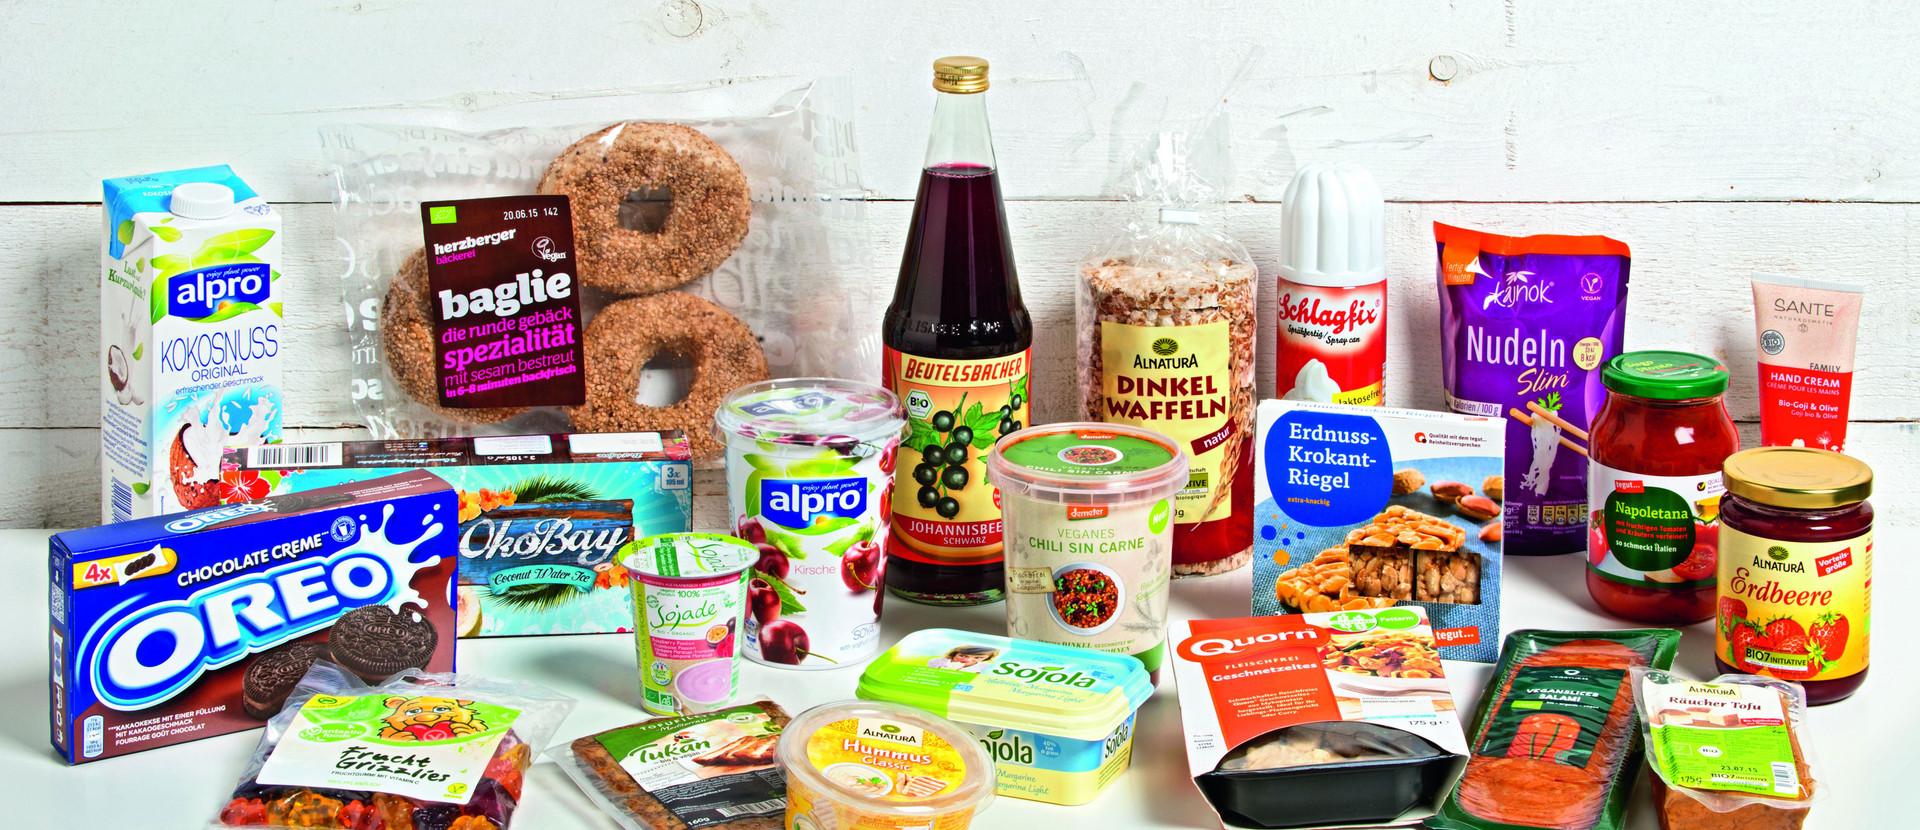 Produkte aus dem veganen Lebensmittelsortiment